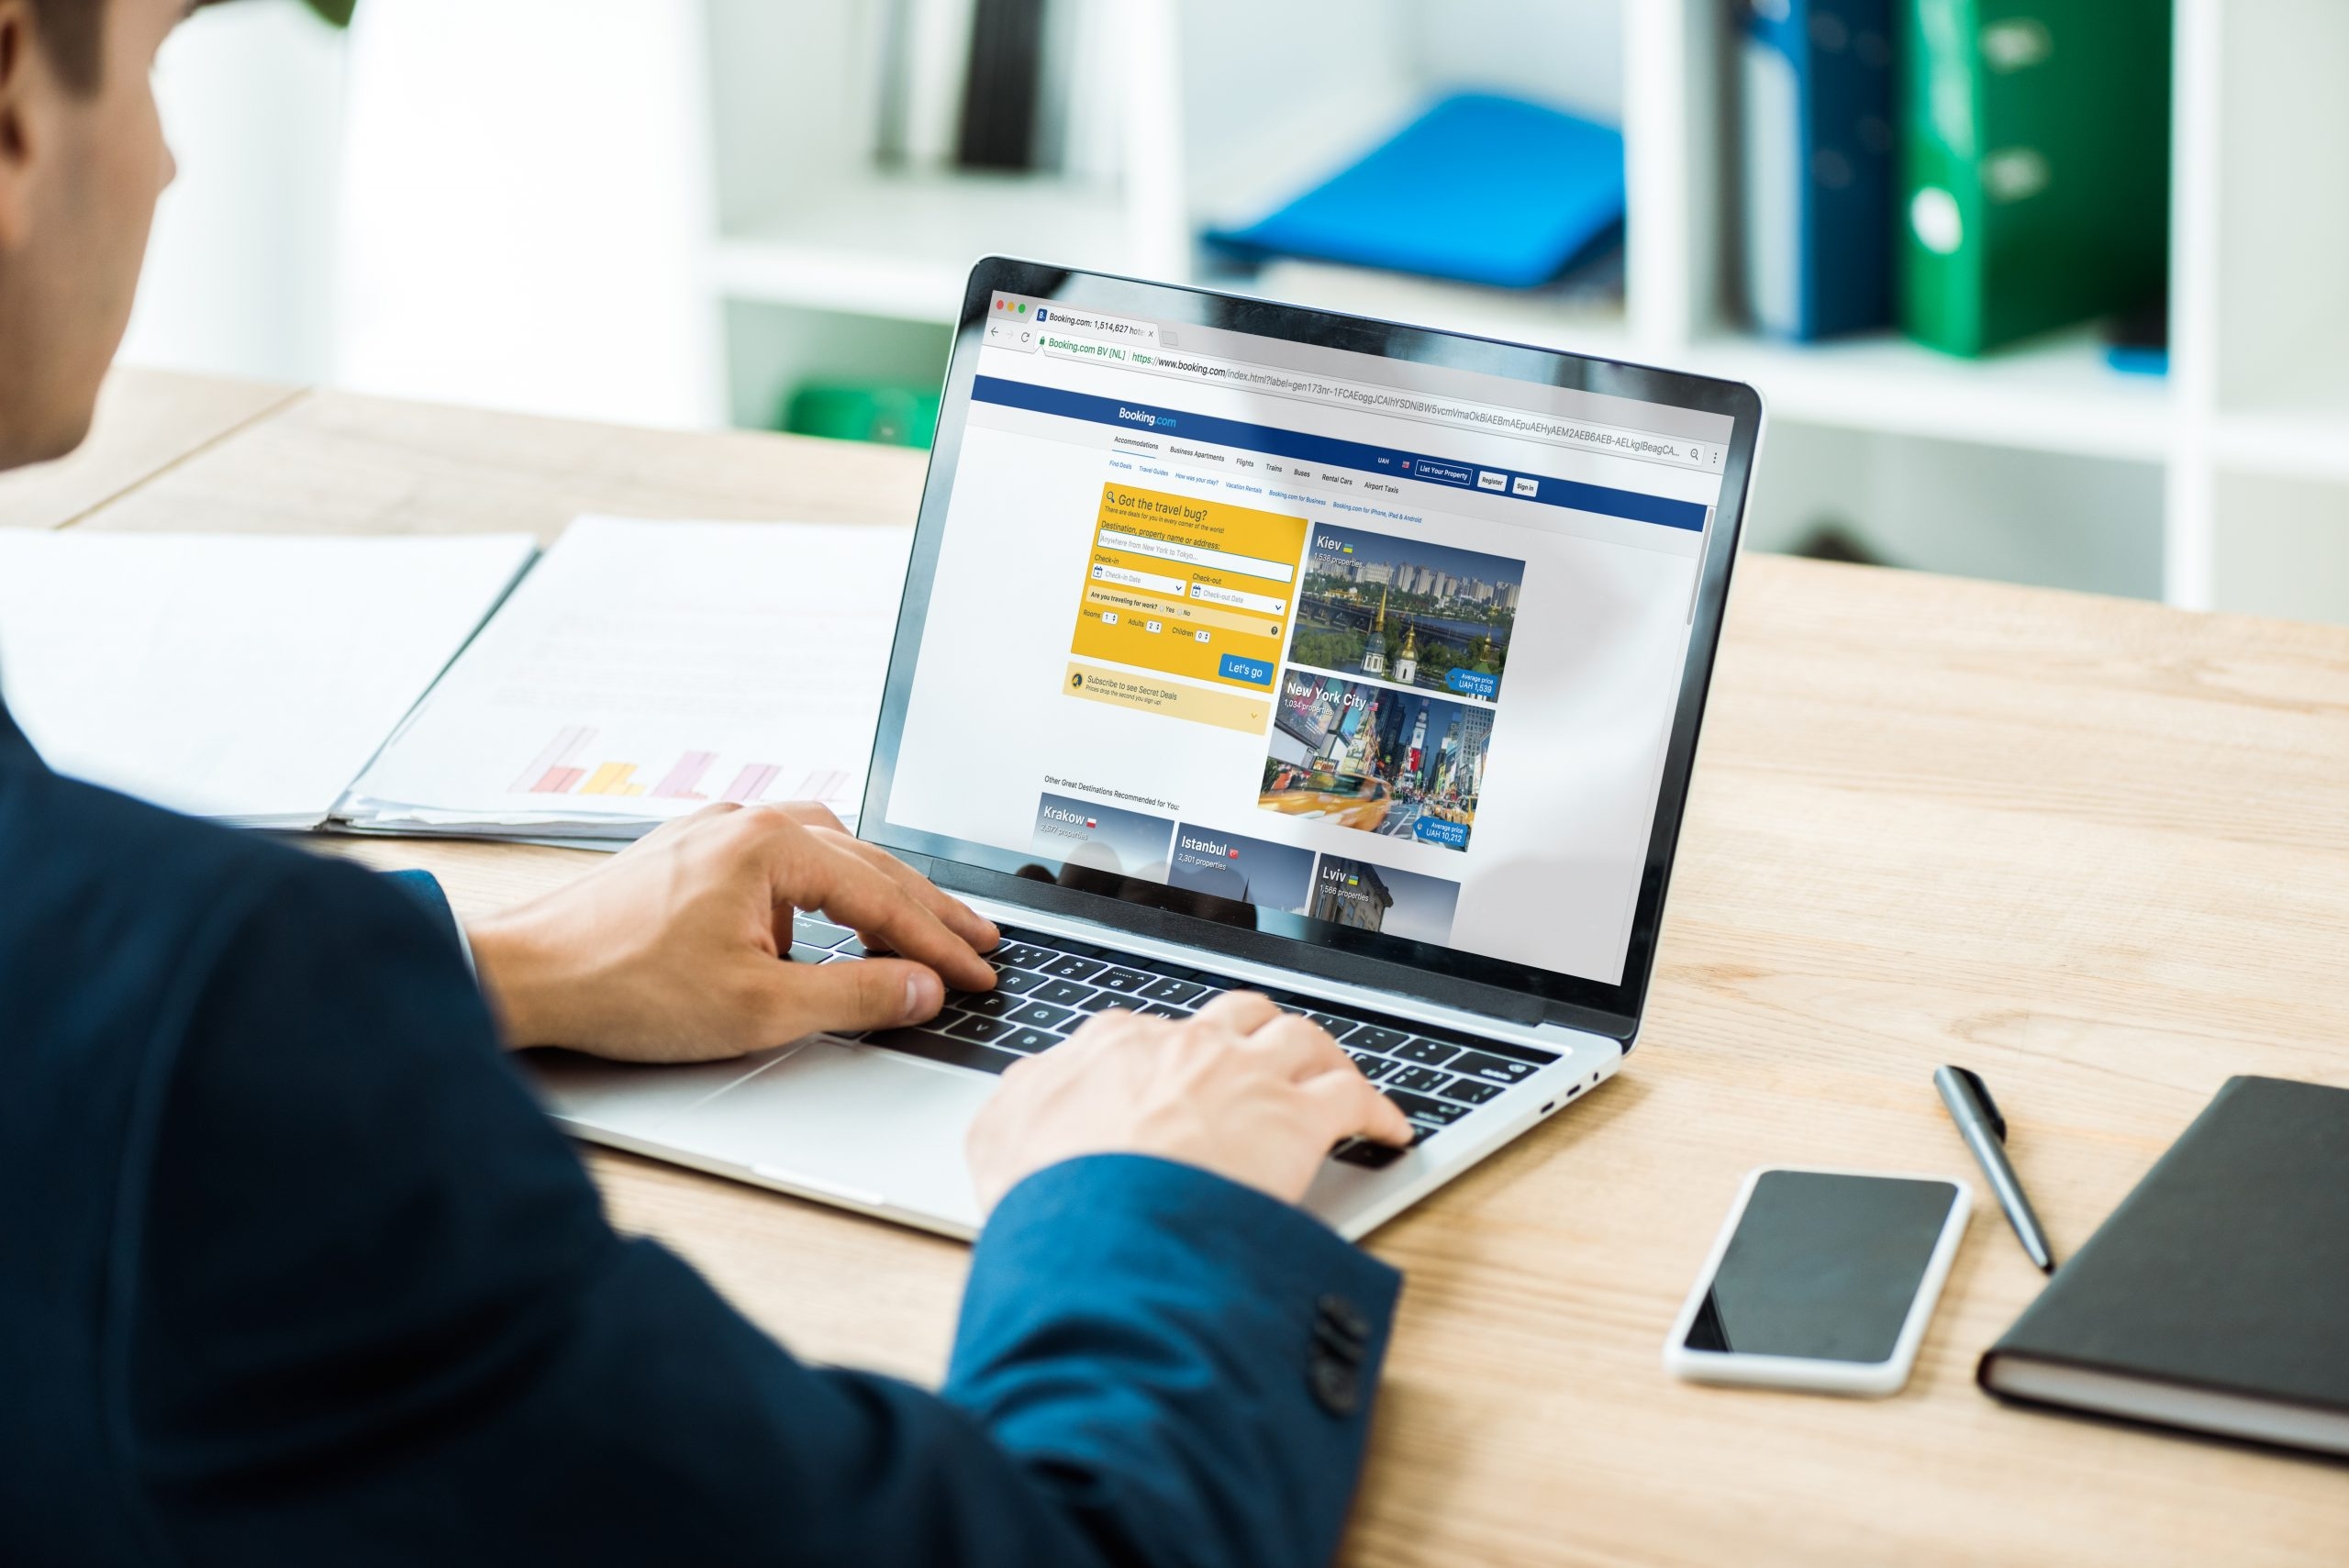 Digital marketer at desk, working on laptop